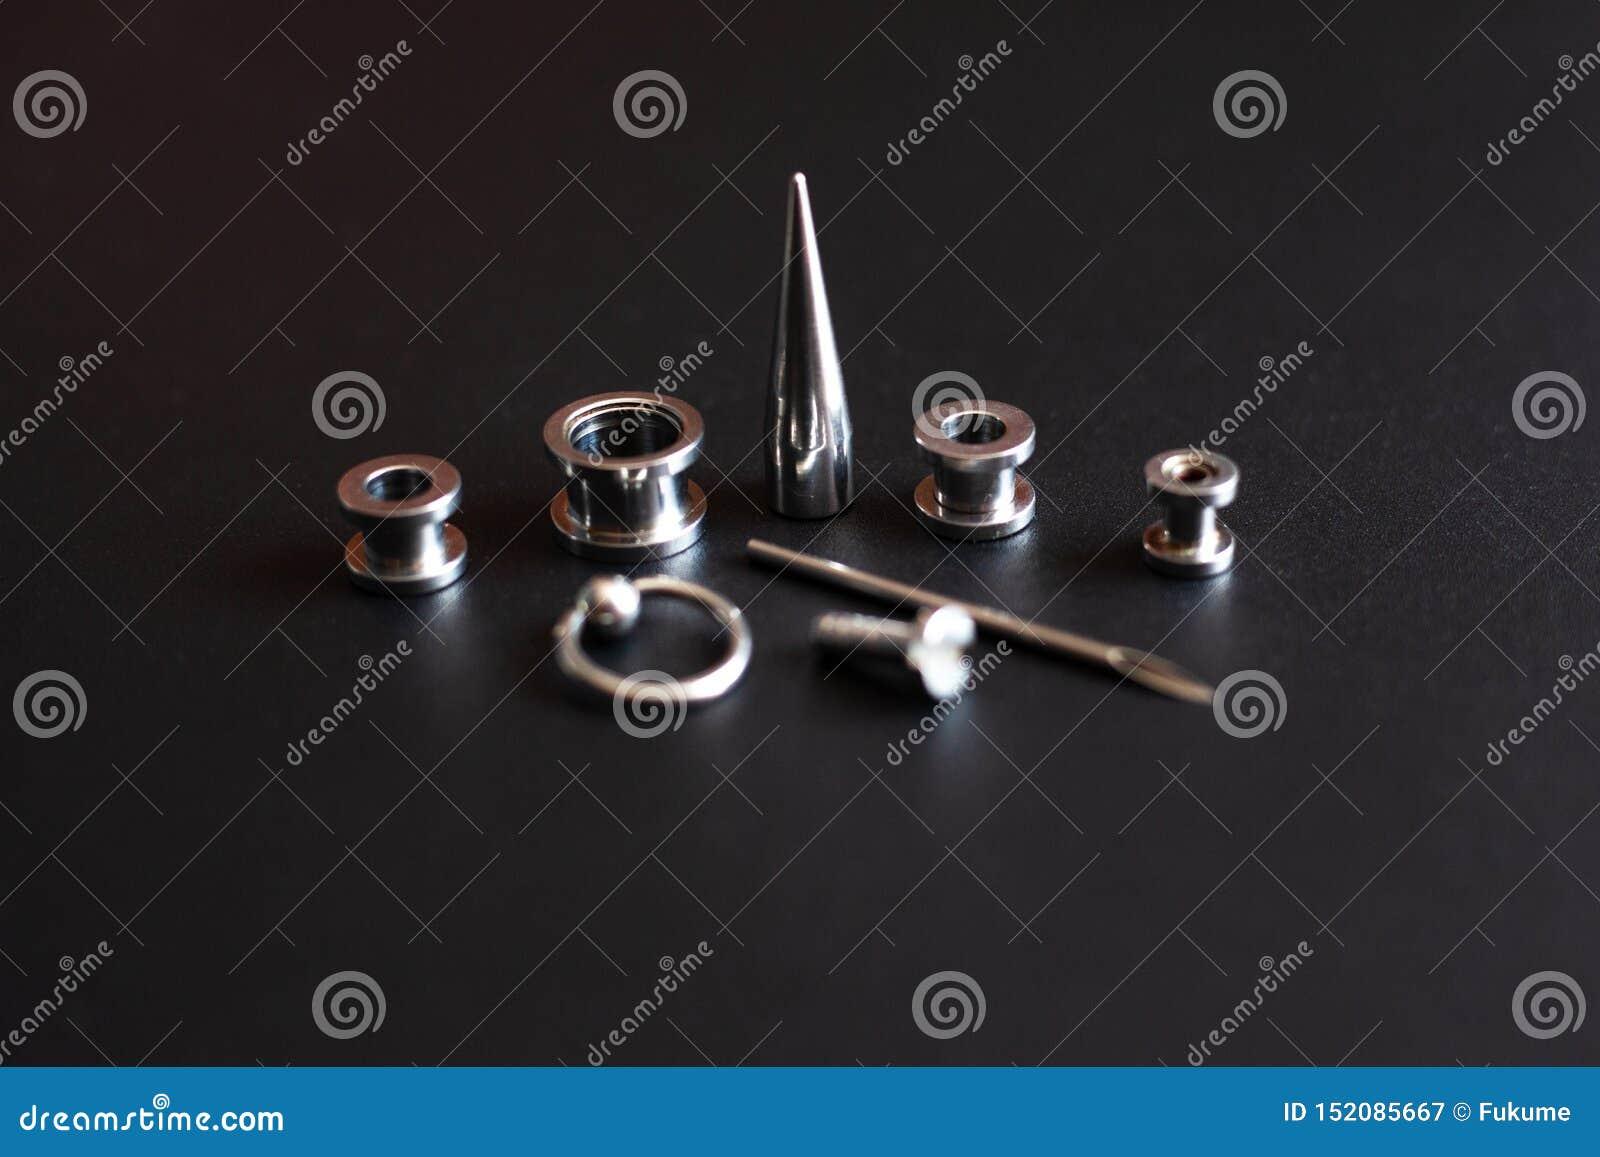 Acessórios perfurando em uma joia inoxidável do metal do fundo preto para amantes da punctura